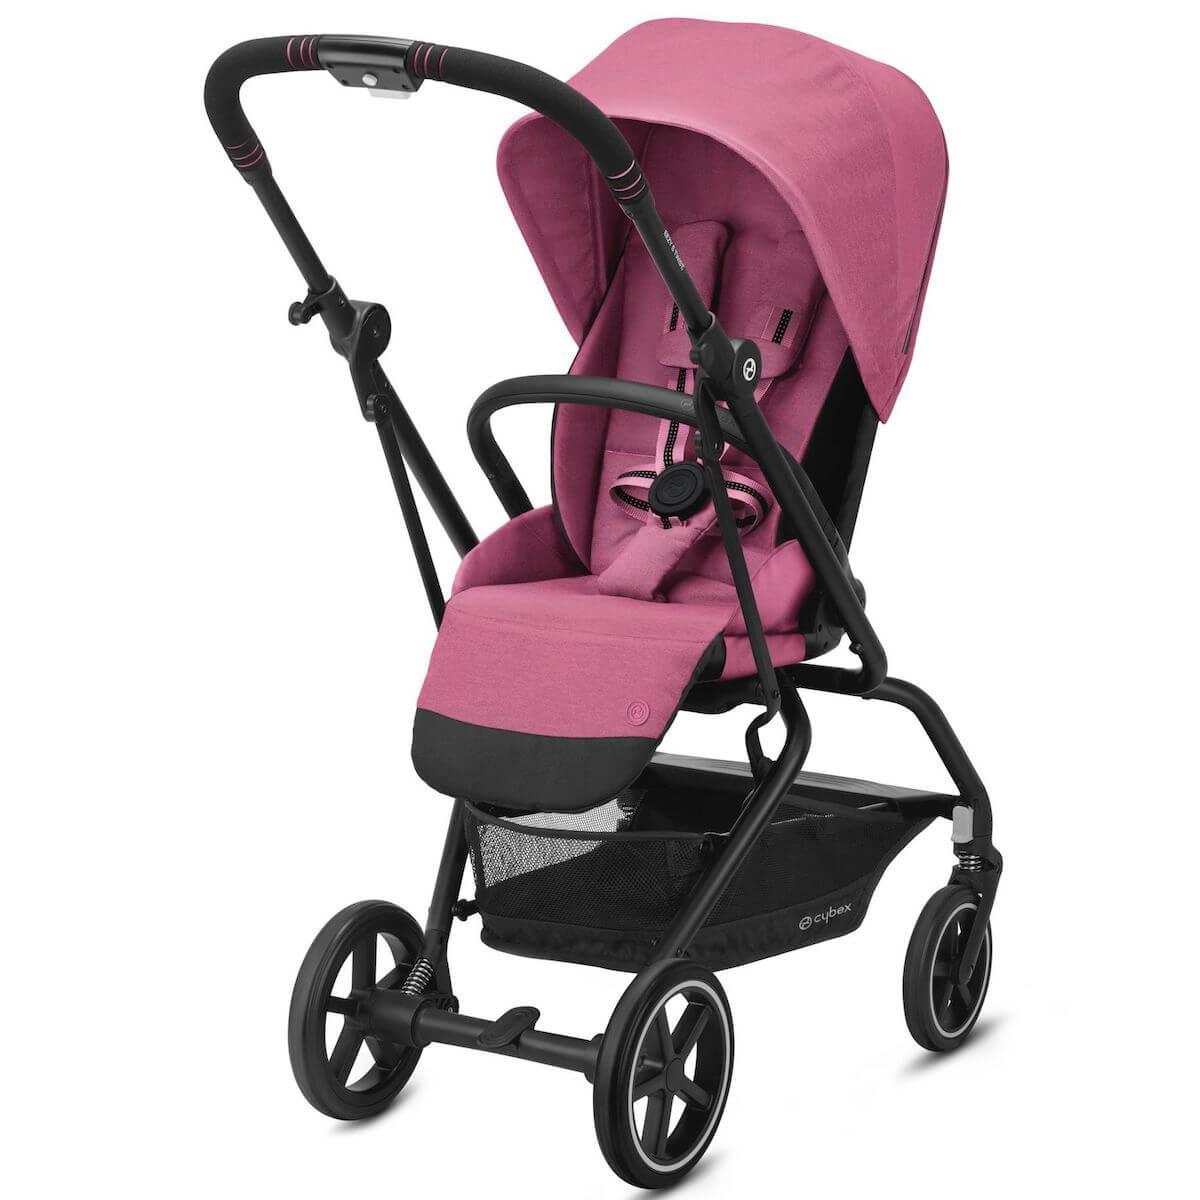 Kinderwagen EEZY S TWIST+ 2 Cybex black Magnolia Pink